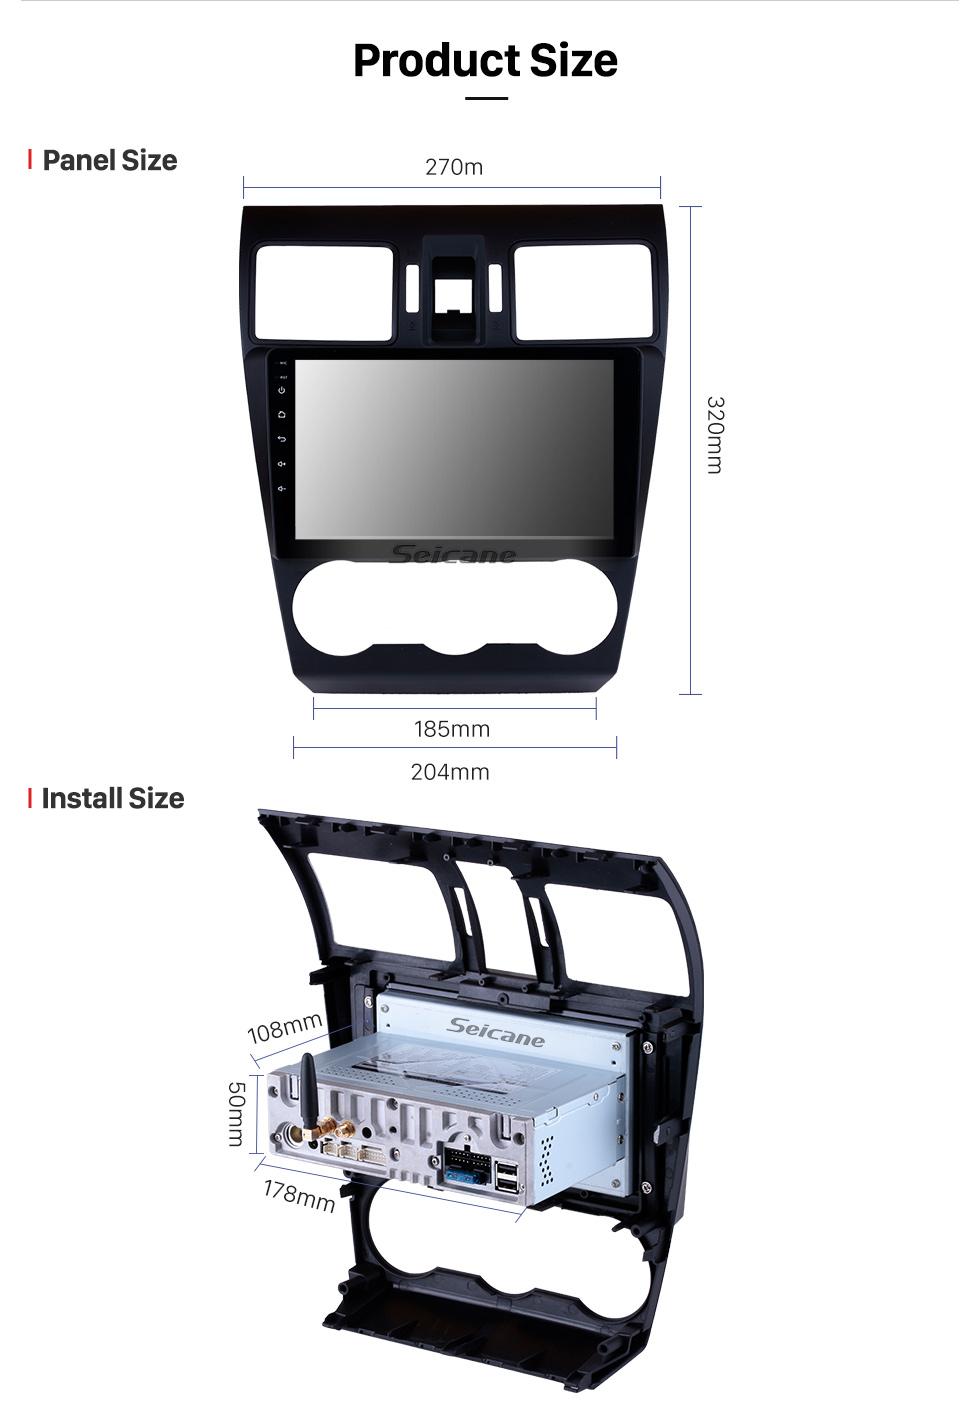 Seicane 9-дюймовый HD Android 9.0 Радио емкостный сенсорный экран для 2014 2015 2016 Поддержка Subaru Forester 3G WiFi Bluetooth GPS Навигационная система TPMS DAB DVR OBD II AUX Подголовник Монитор Управление Видео Задняя камера USB SD